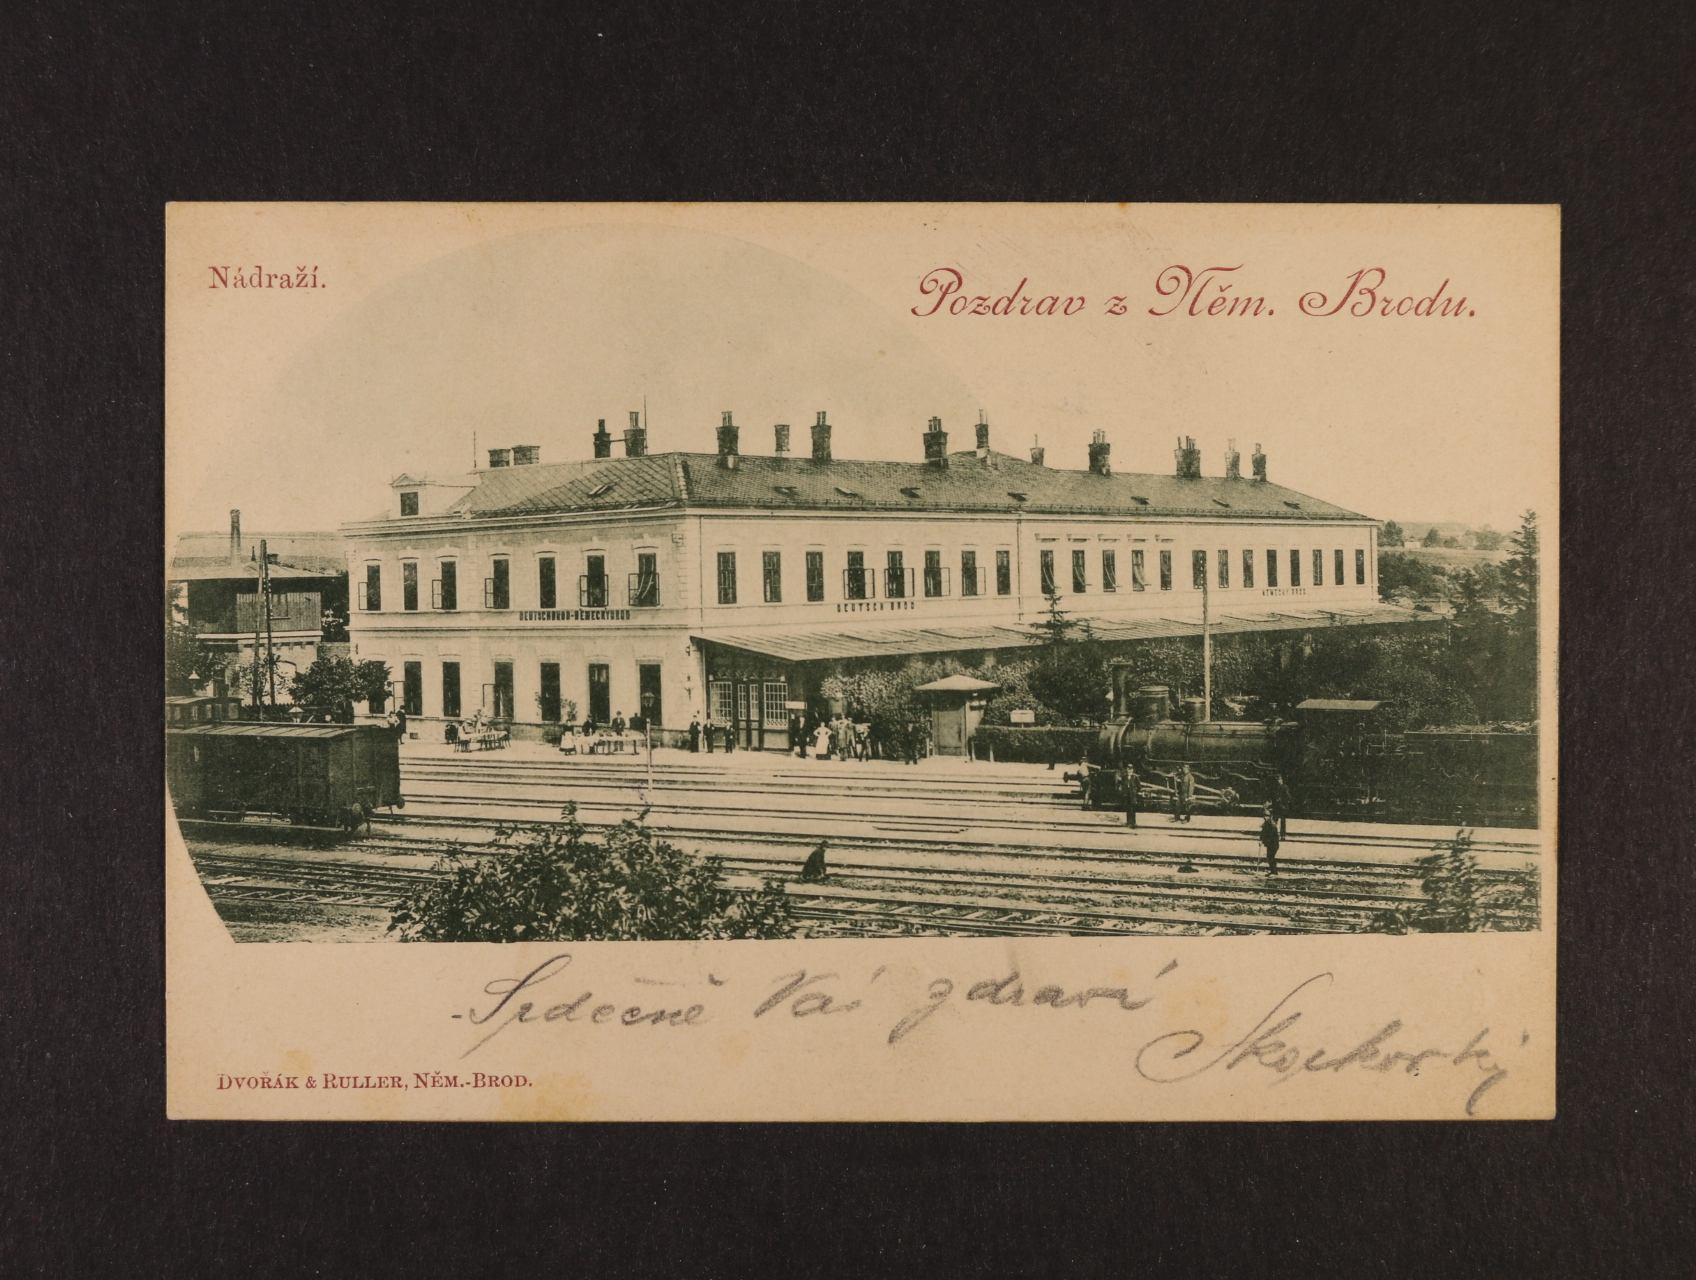 Německý Brod - jednobar. pohlednice nádraží, použitá 10900, dobrá kvalita